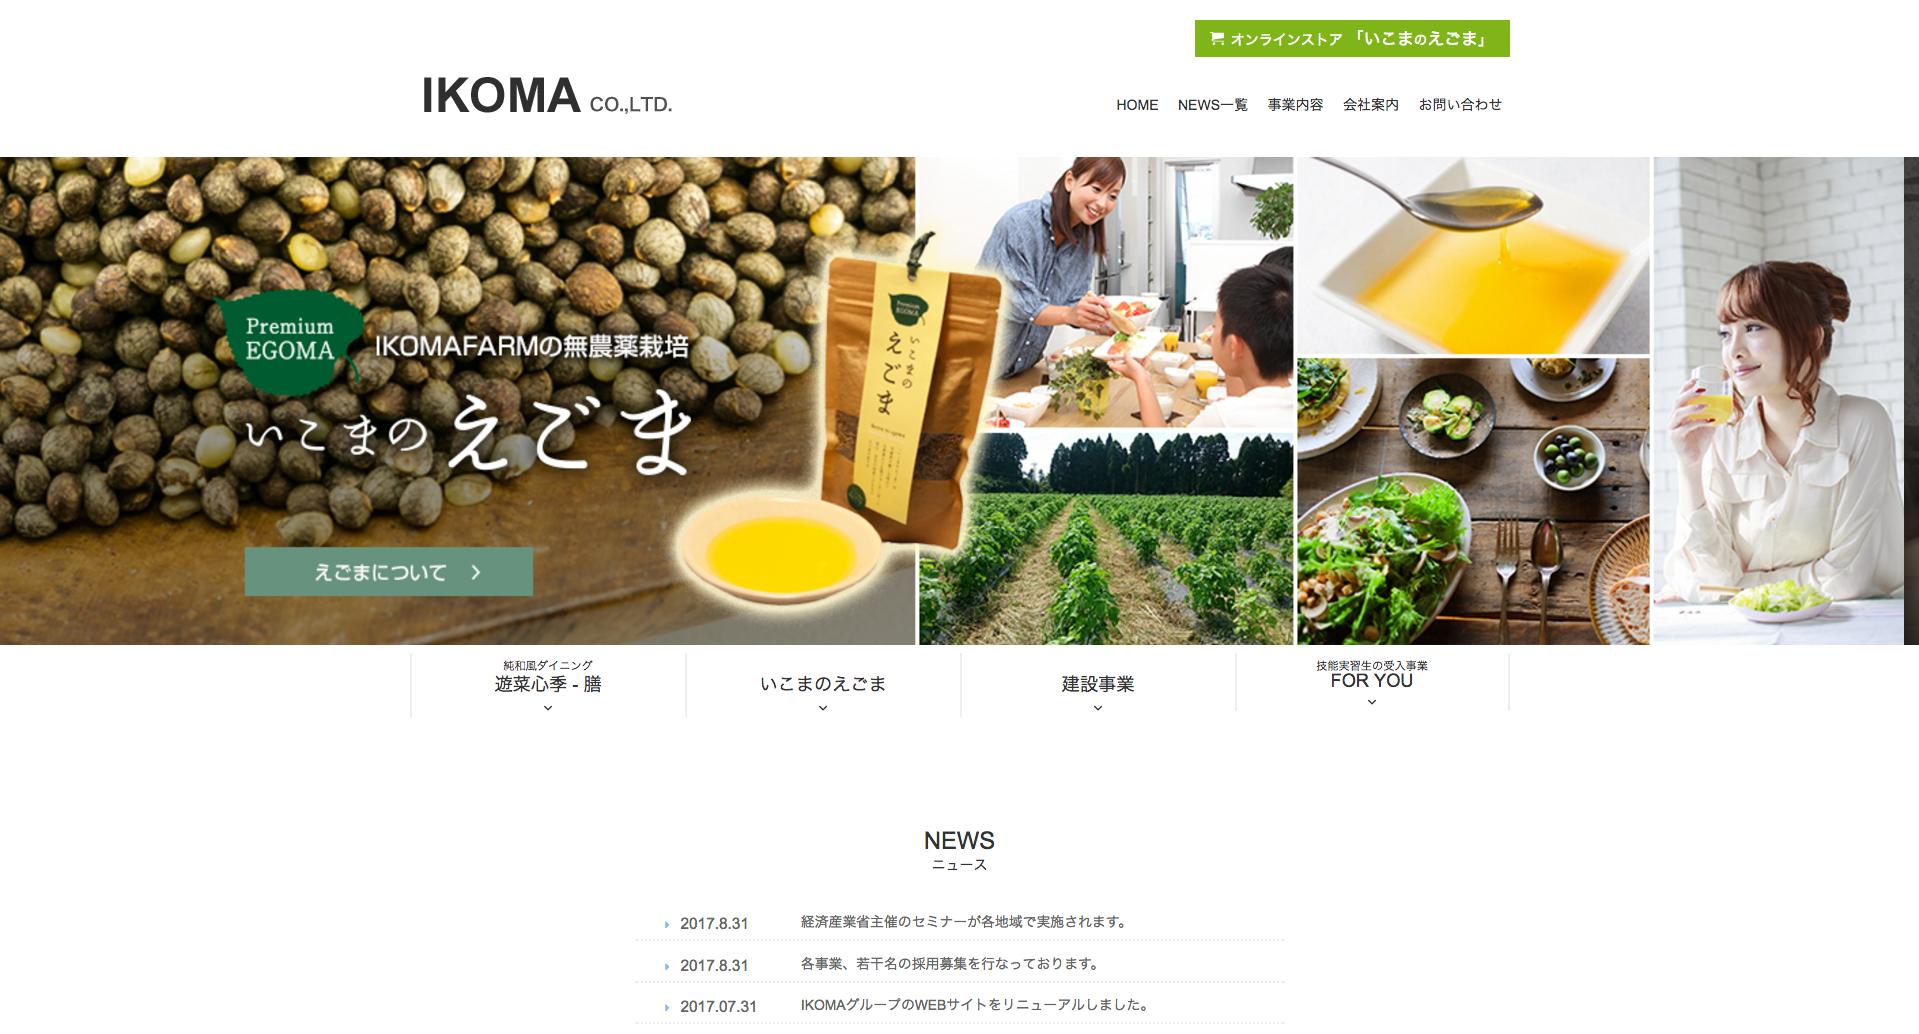 株式会社IKOMA オフィシャルコーポレートサイト